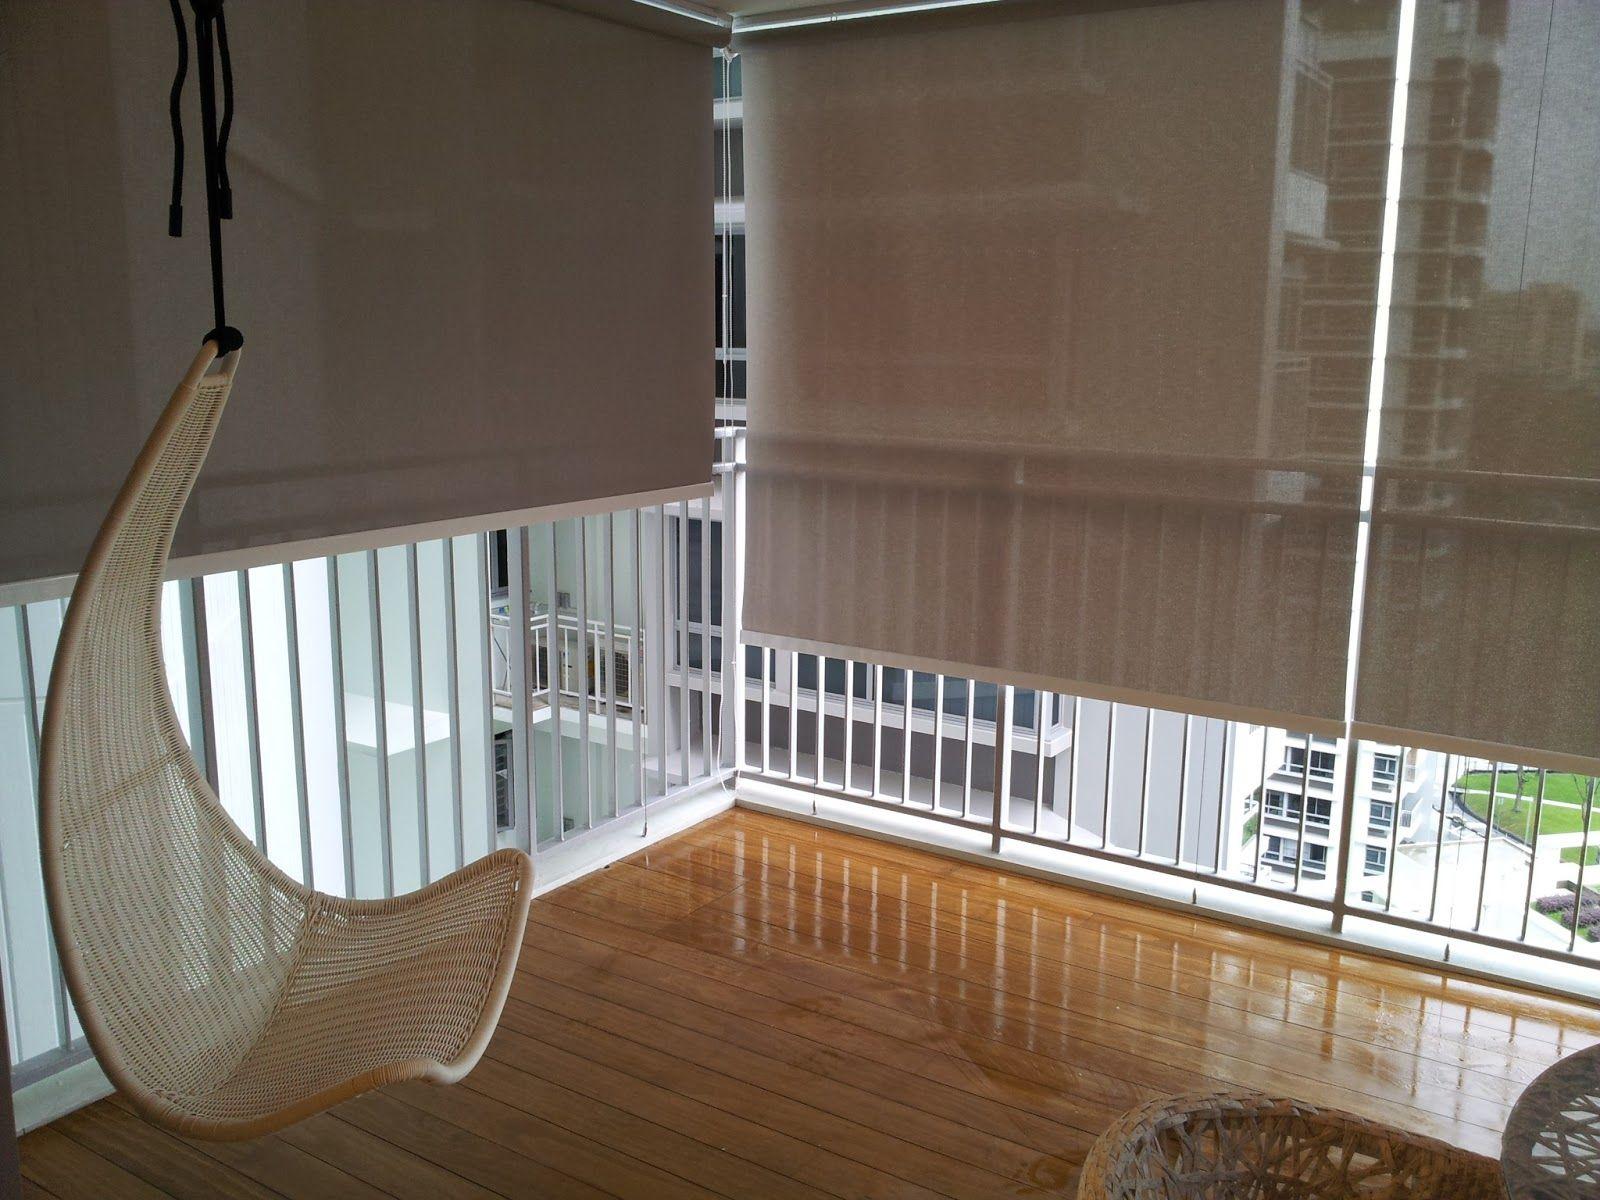 balcony rain curtains blinds design